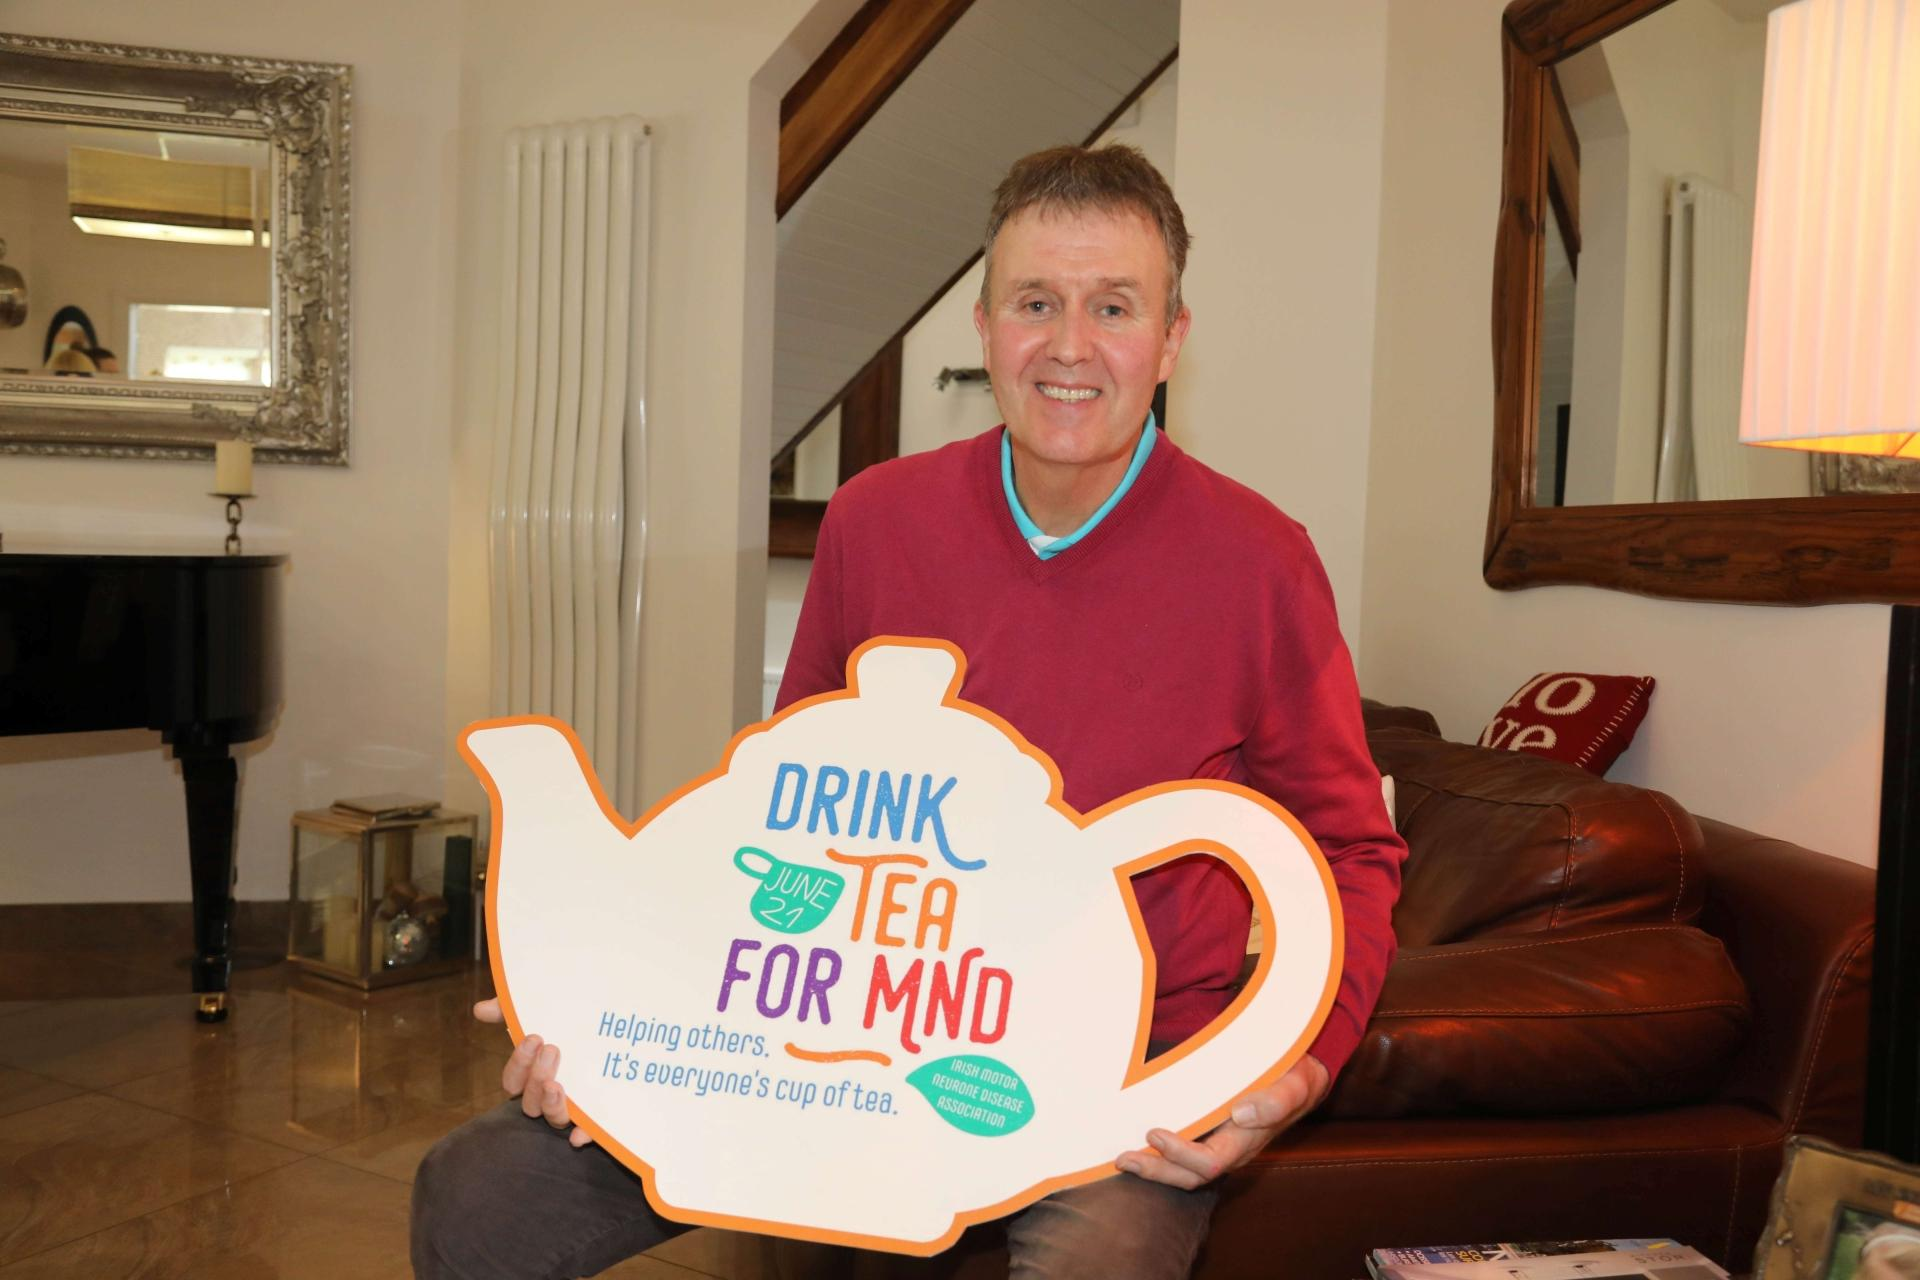 Drink Tea in Tipperary for MND - Motor Neurone Disease